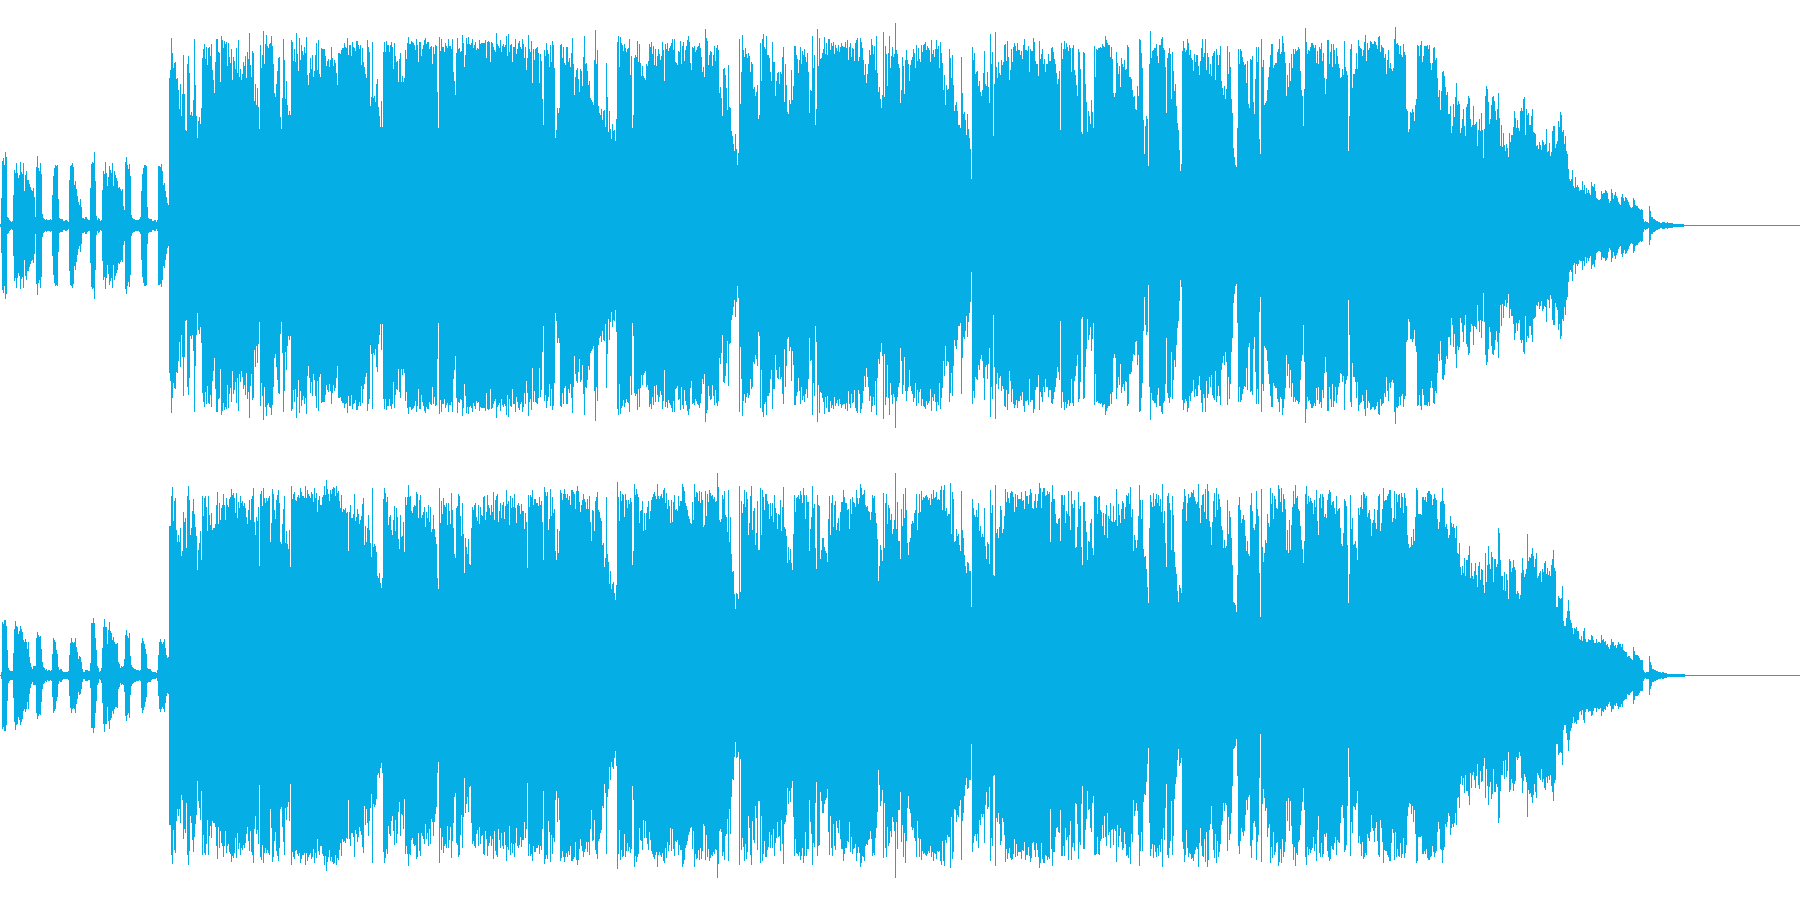 ノリのいい曲・報道系・オープニング系の再生済みの波形